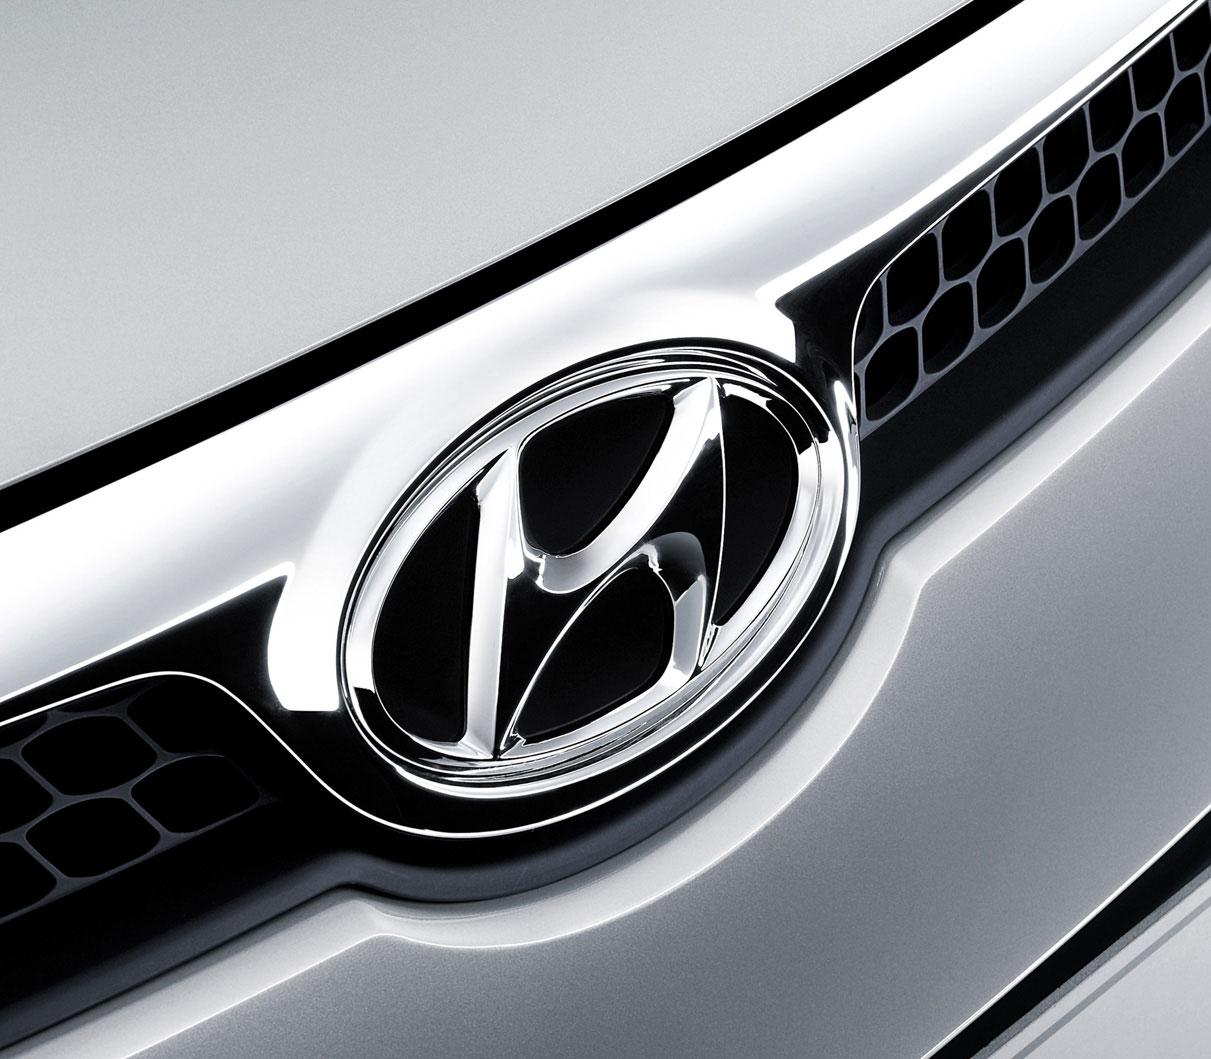 hyundai logo huyndai car symbol meaning and history car